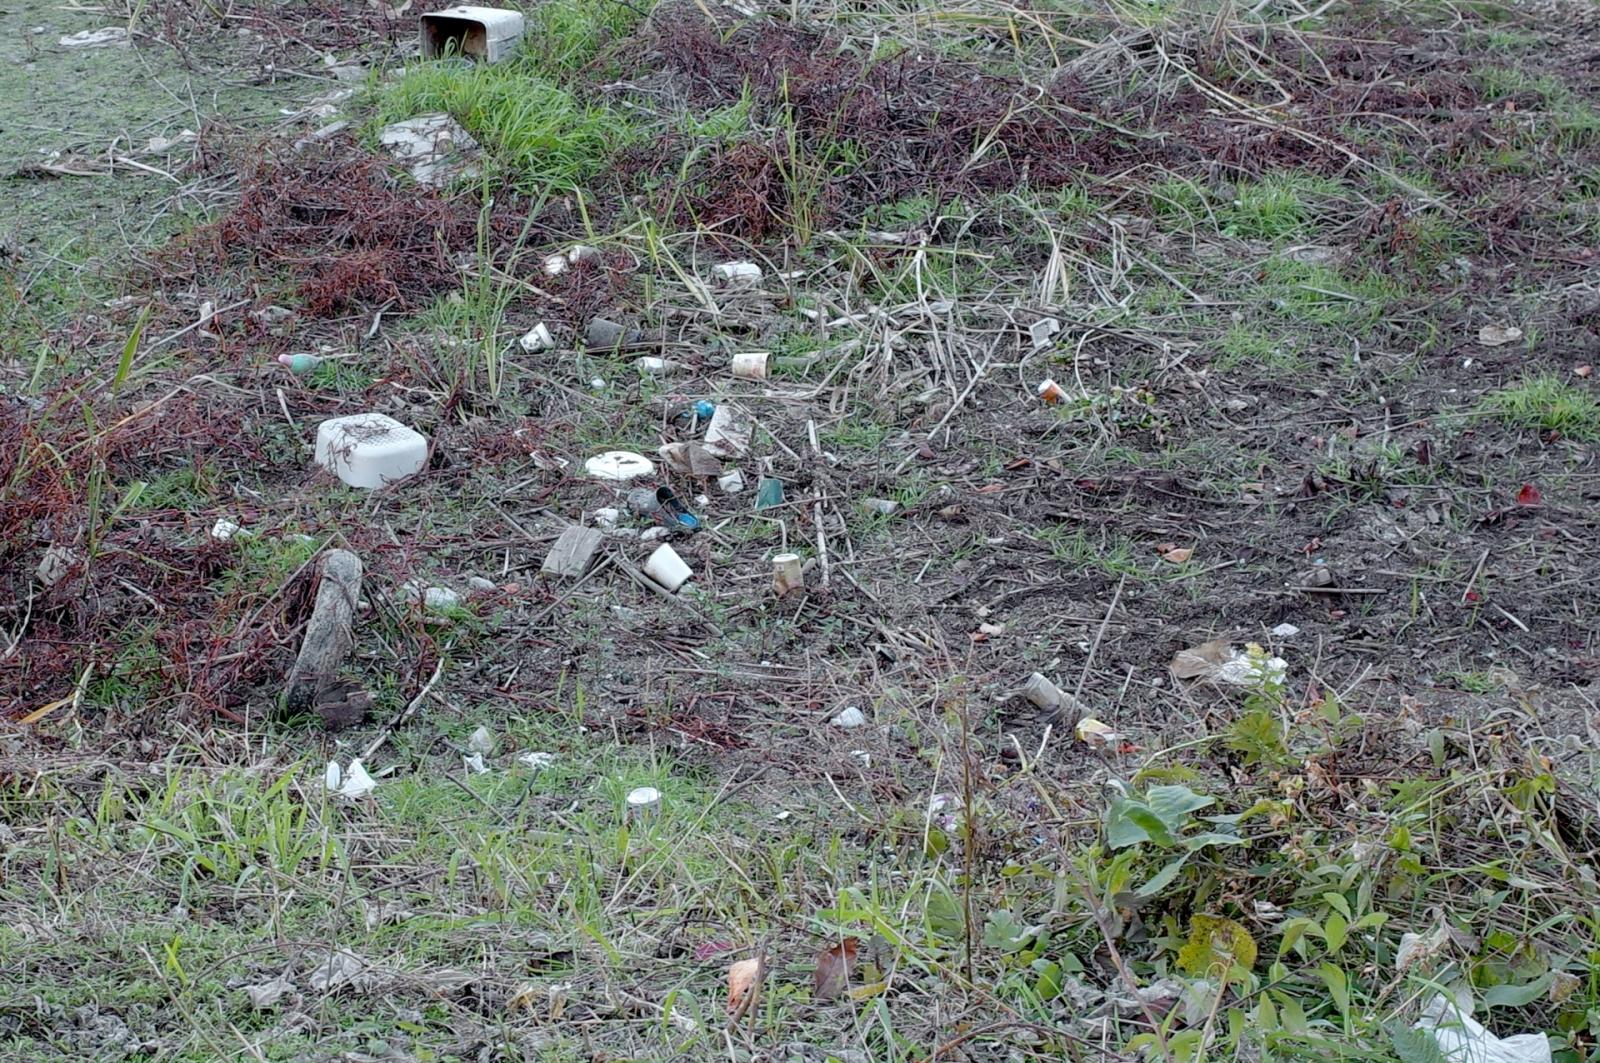 登山道の途中で見つけたゴミ